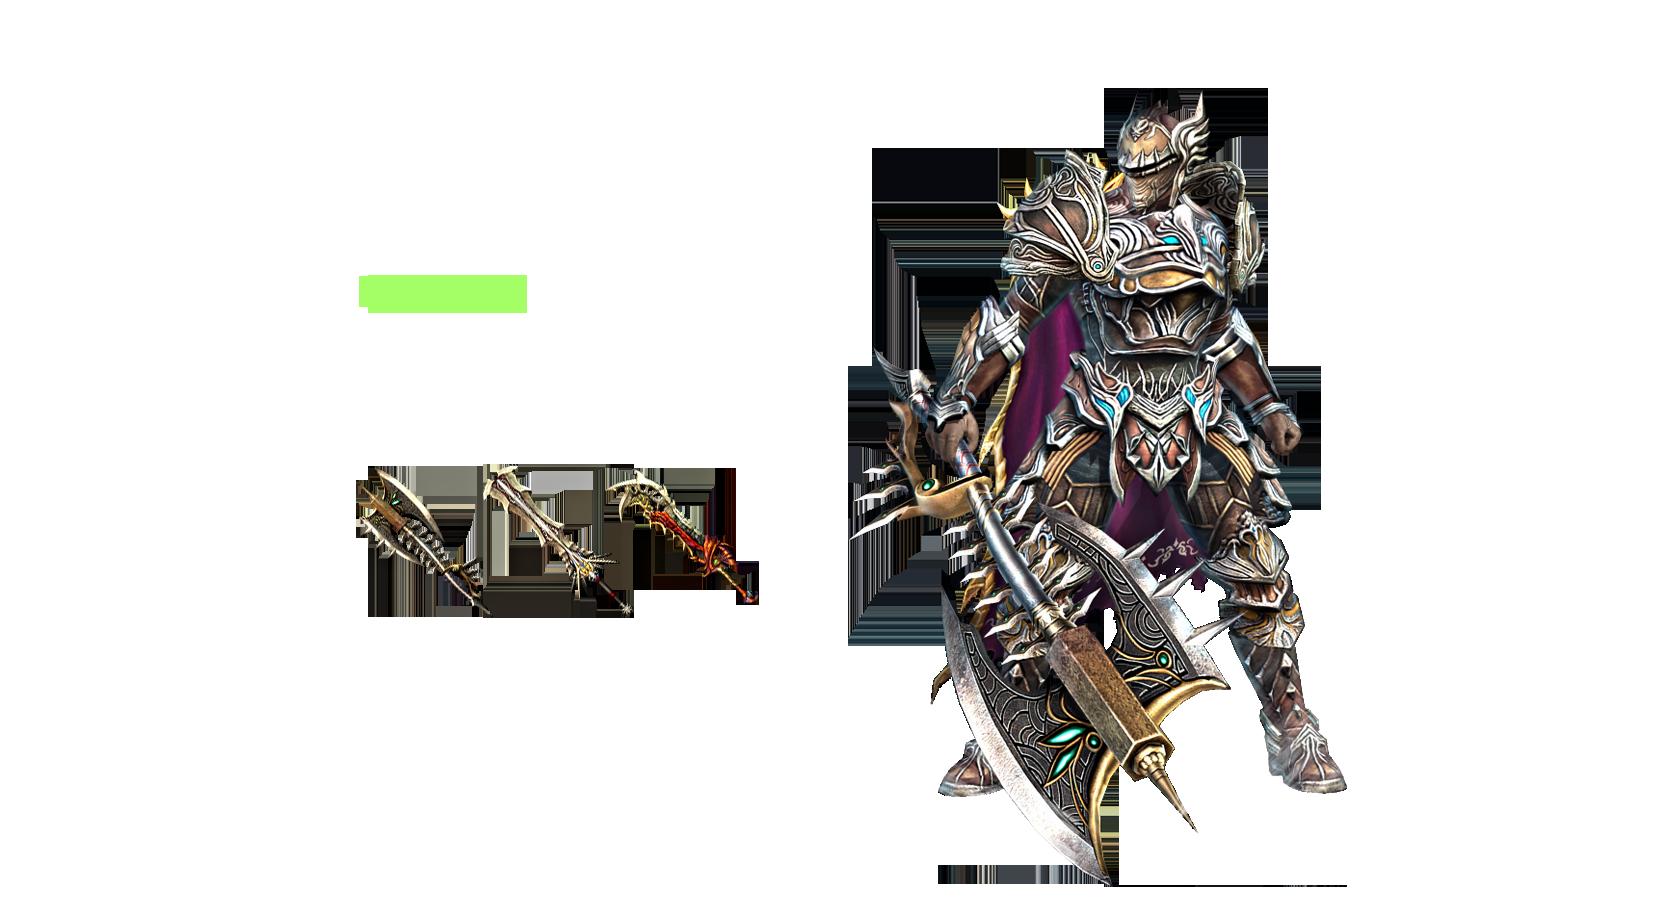 Warrior 힘으로 세상을 호령한다. 다수의 적에게 홀로 맞서는 전사는 월등한 체력과 타고난 힘을 바탕으로 적의 공격을 모두 견뎌내고 물리치면서 앞으로 전진할 뿐이다. 길이가 긴 무기를 활용해 전방에 있는 다수의 적을 동시에 공격할 수 있다.